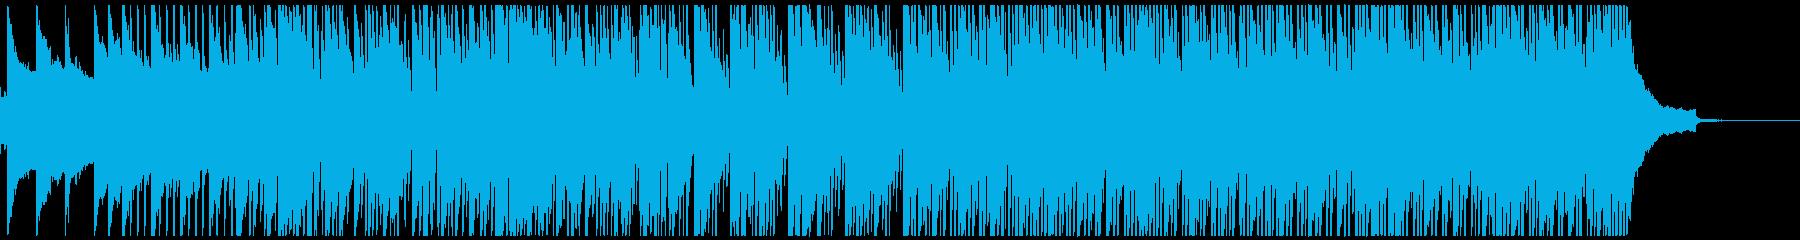 アコギとピアノの爽やかなBGMの再生済みの波形